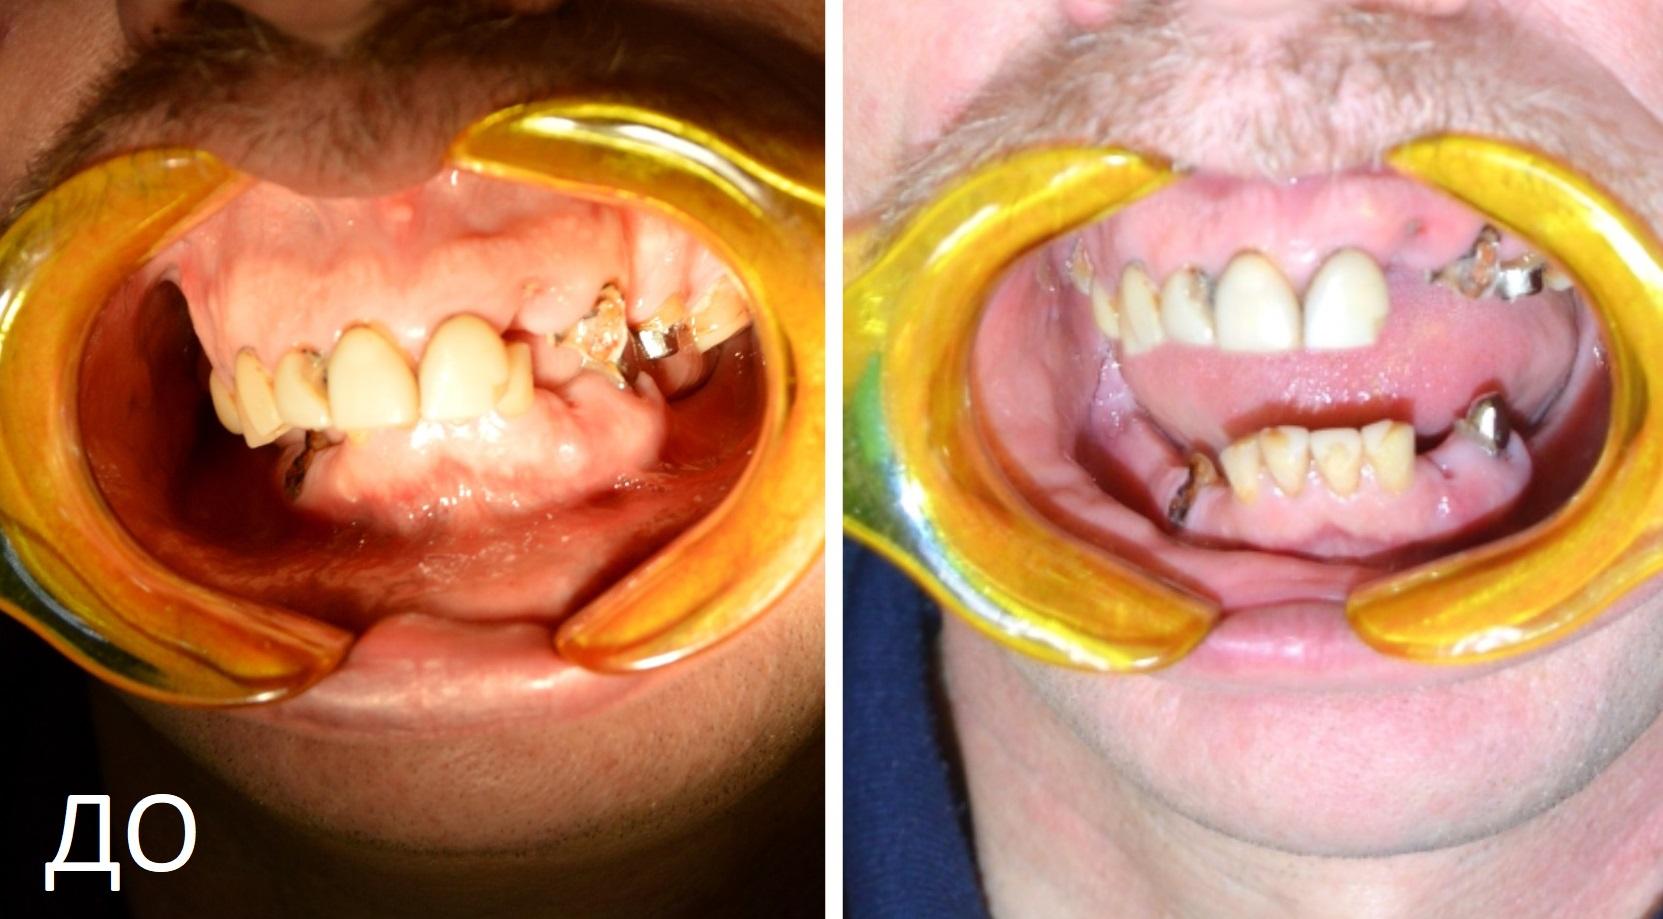 Причина, по которой он к нам обратился — потеря основной части зубов